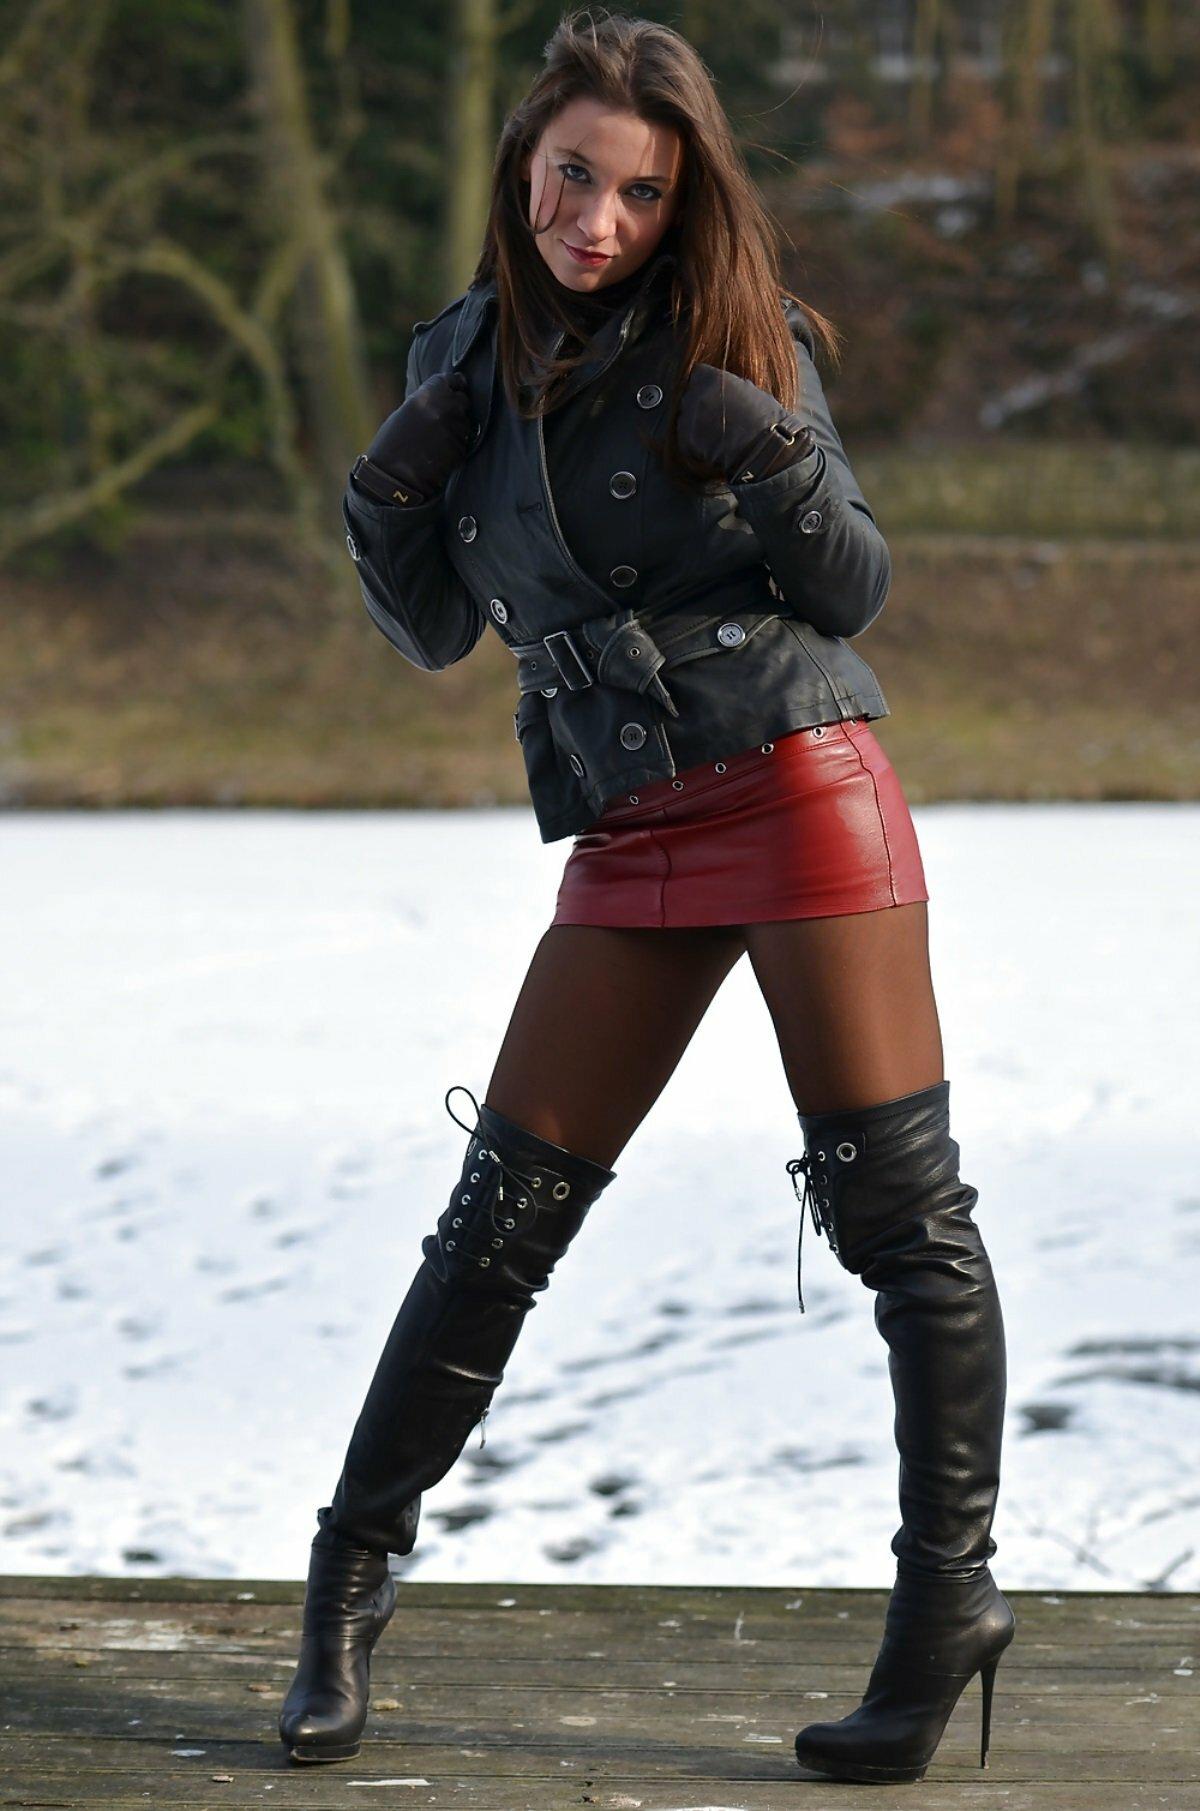 buxom-woman-wearing-boots-jane-kaczmarek-nude-gif